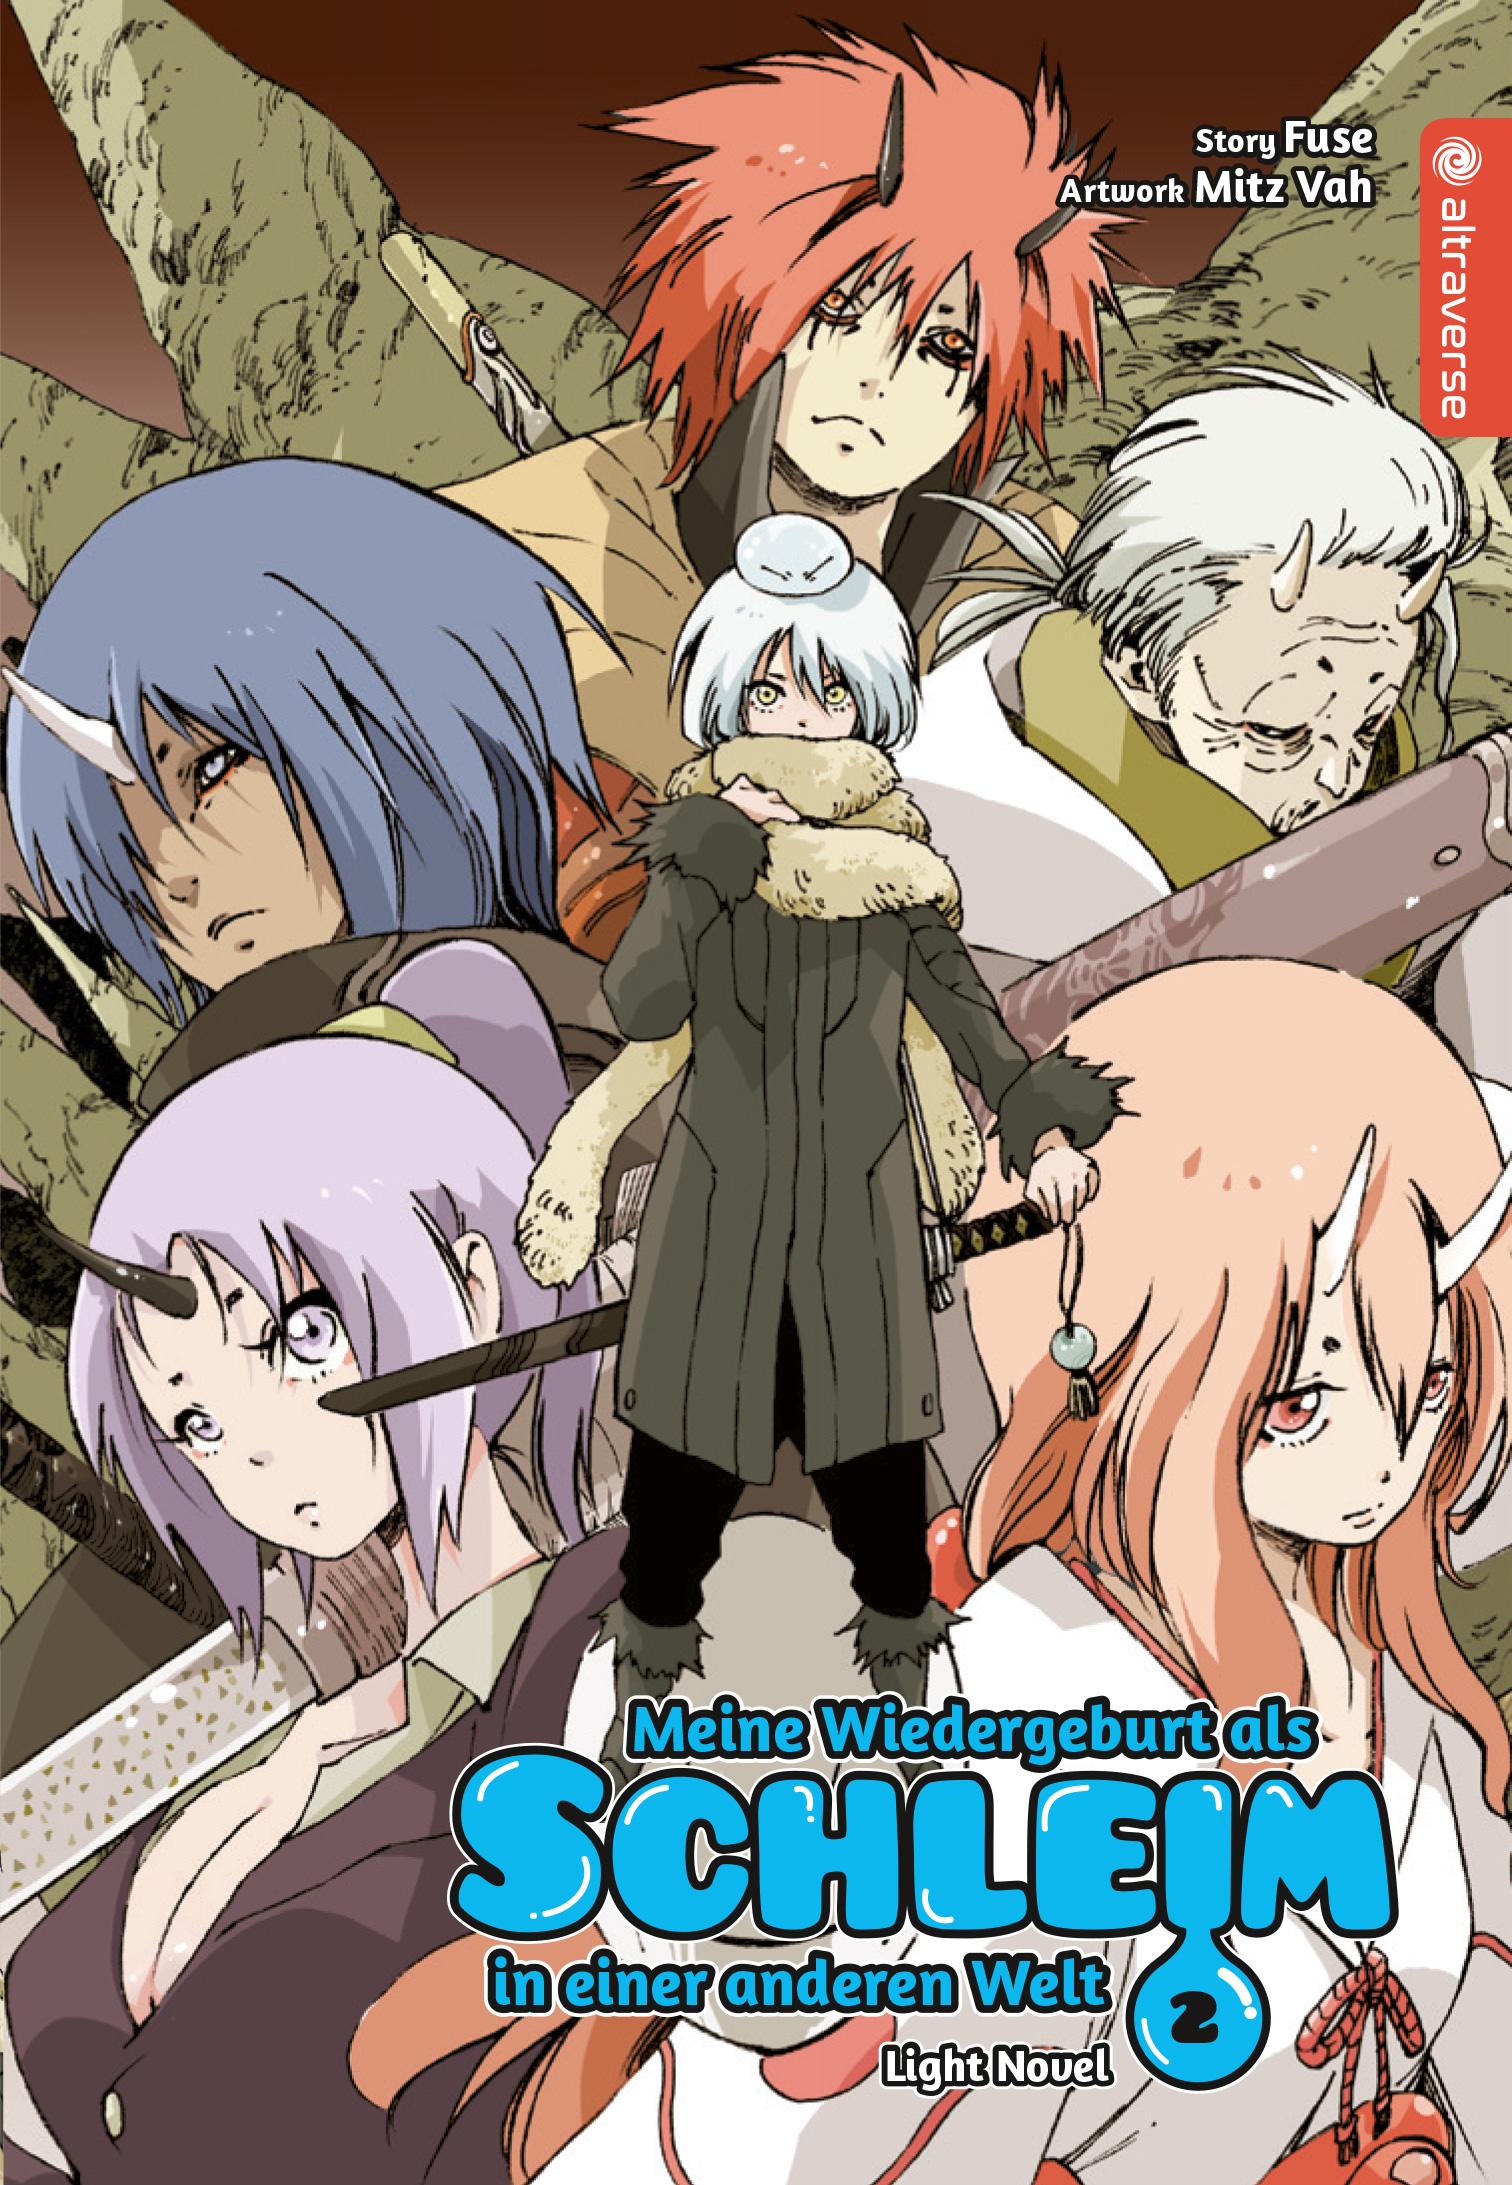 Cover des 2. Bandes von Meine Wiedergeburt als Schleim in einer anderen Welt - Light Novel